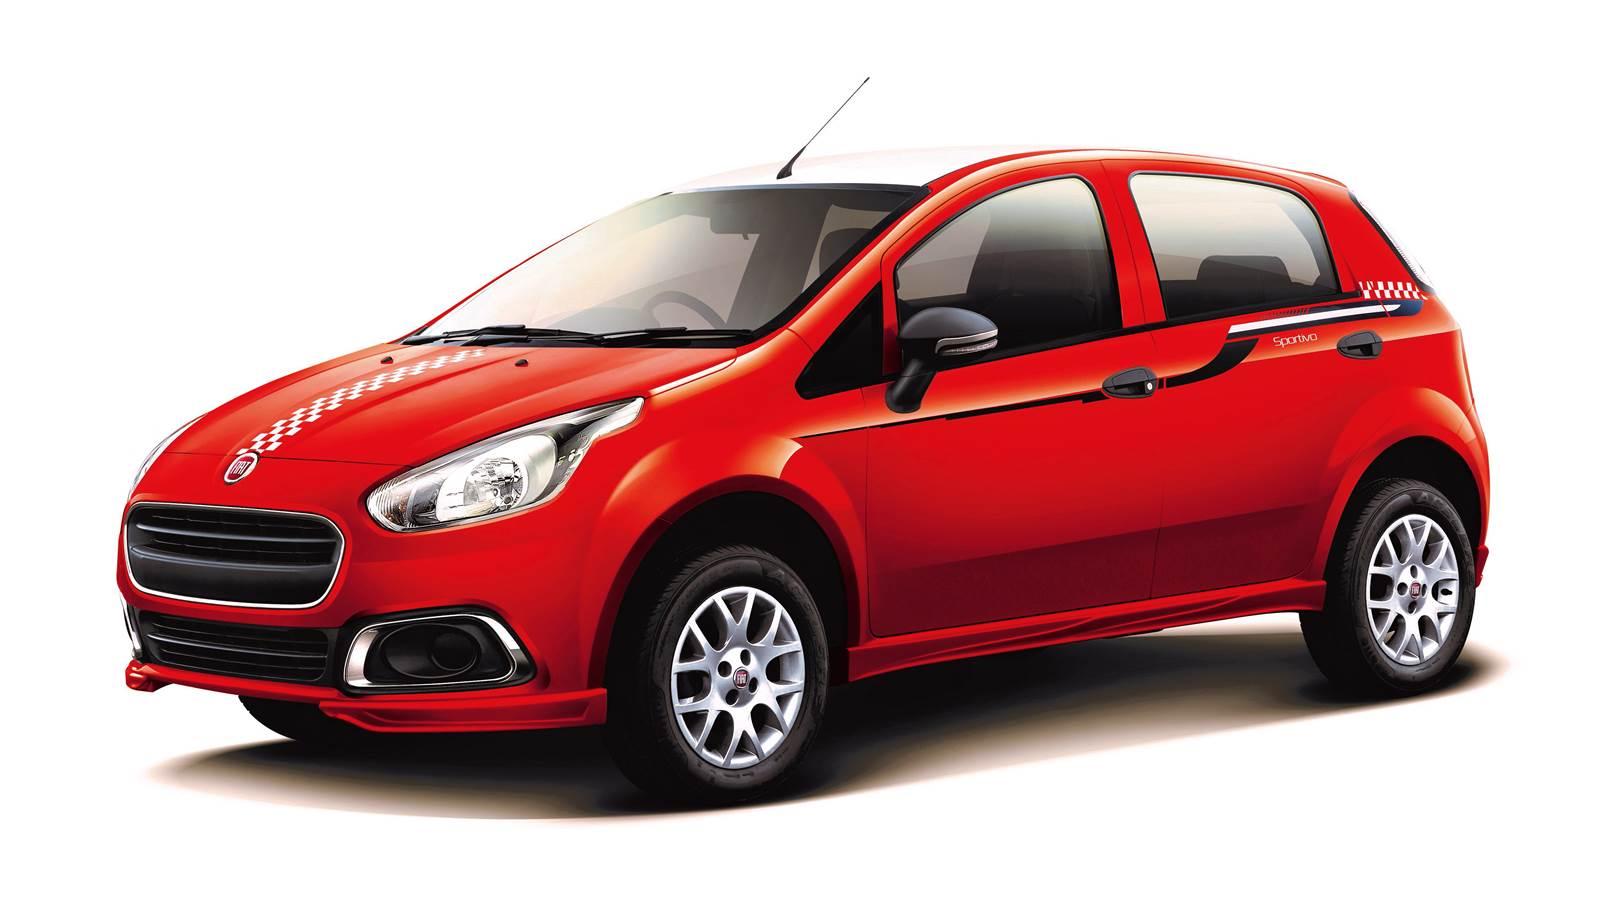 Notícias Ponto Com : Lançamentos Fiat 2016: Toro, X1H e ...